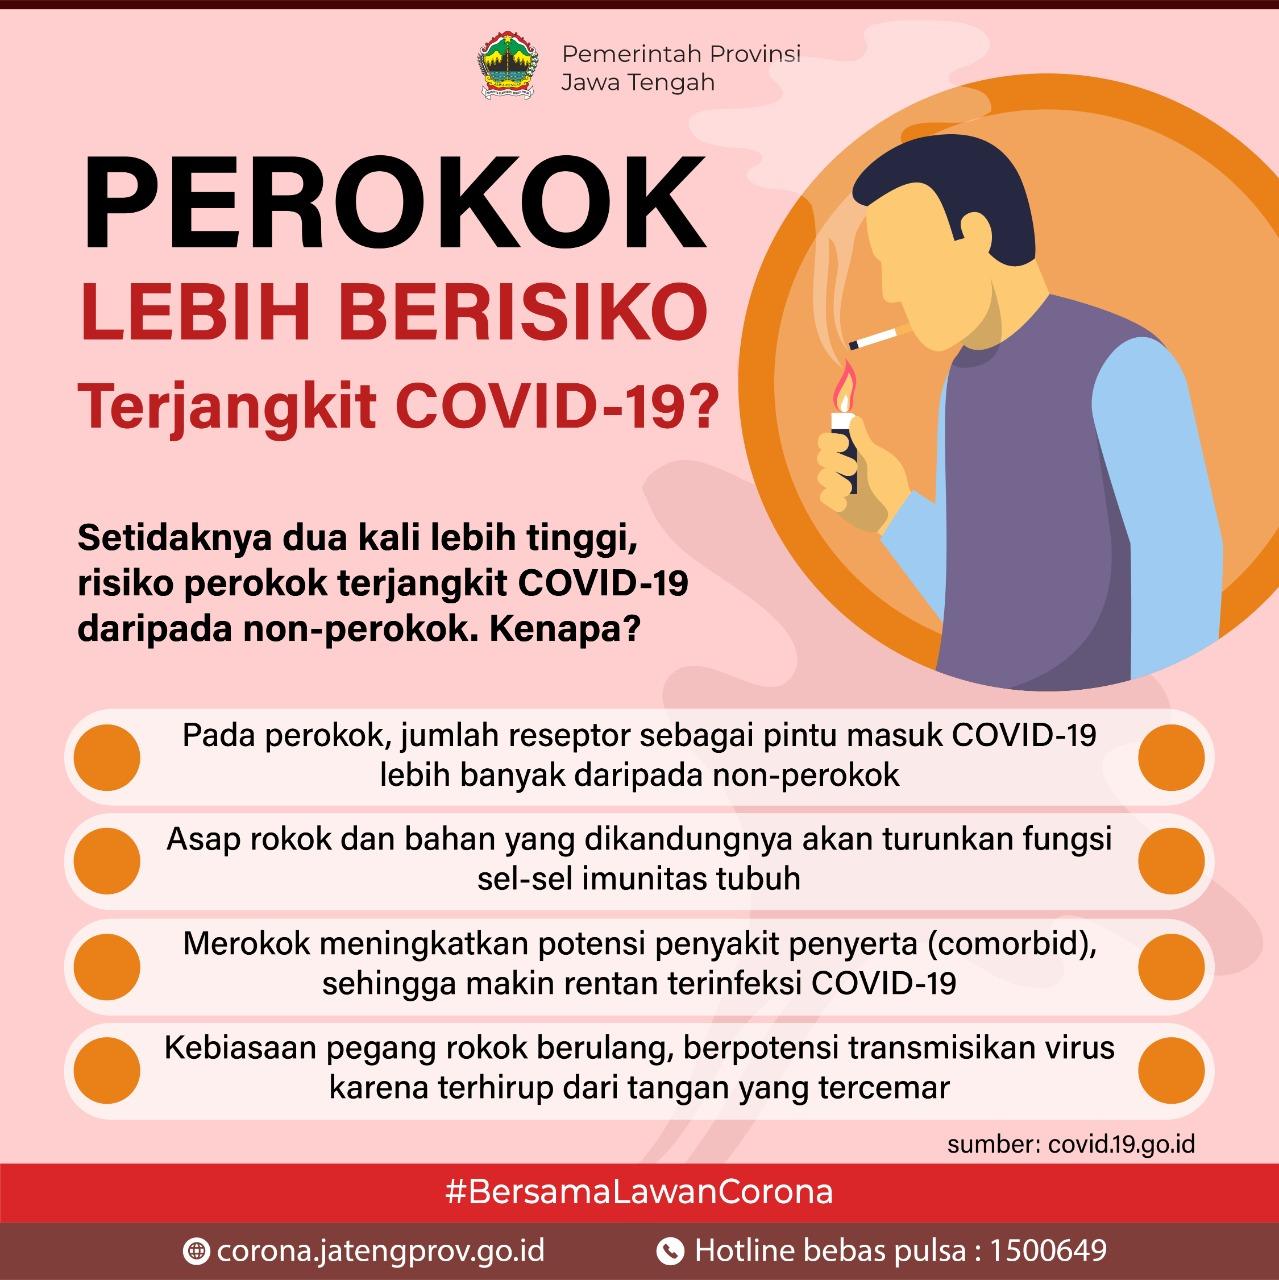 Perokok Lebih Berisiko